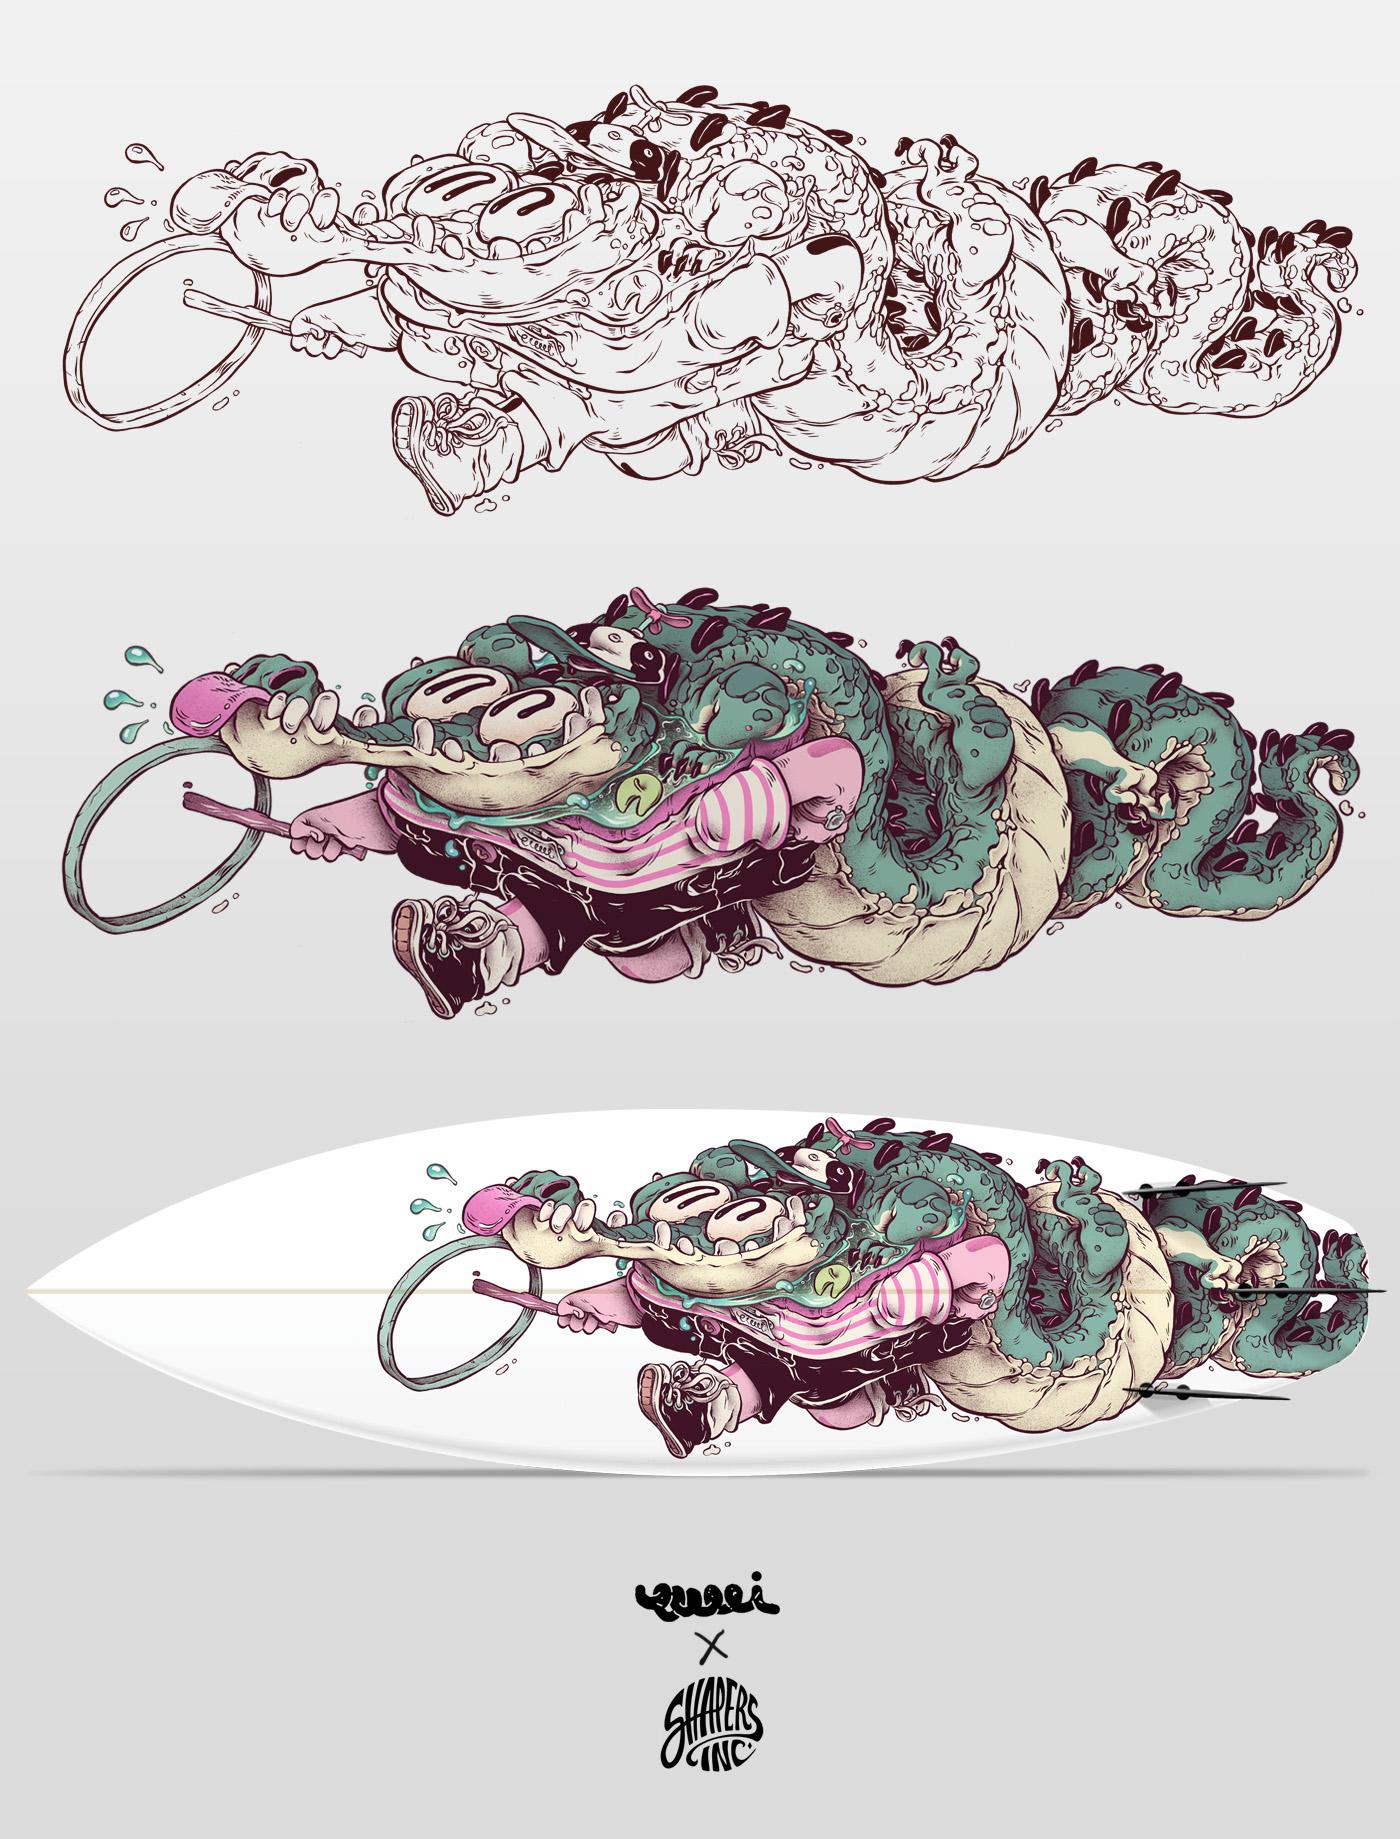 T Wei - Alligator Child